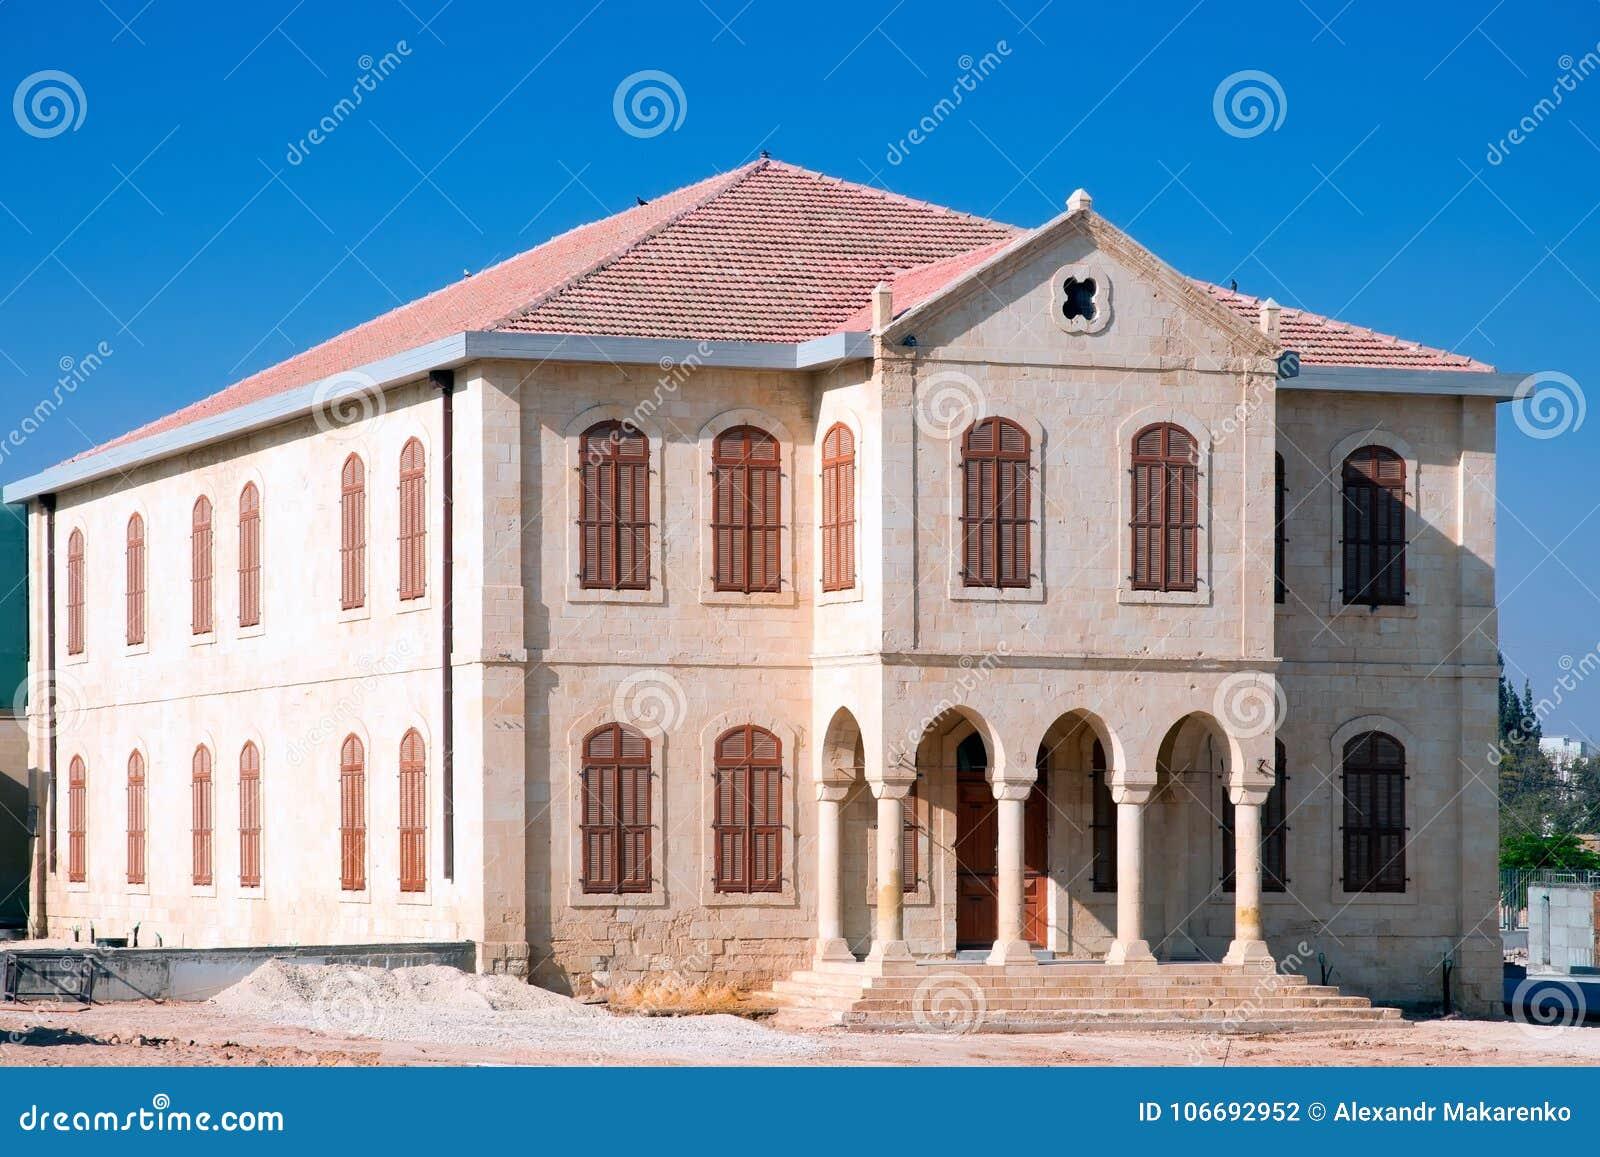 ΜΠΎΡΑ-SHEVA, ΙΣΡΑΉΛ 17 ΣΕΠΤΕΜΒΡΊΟΥ 2012: Η οικοδόμηση του παλαιού